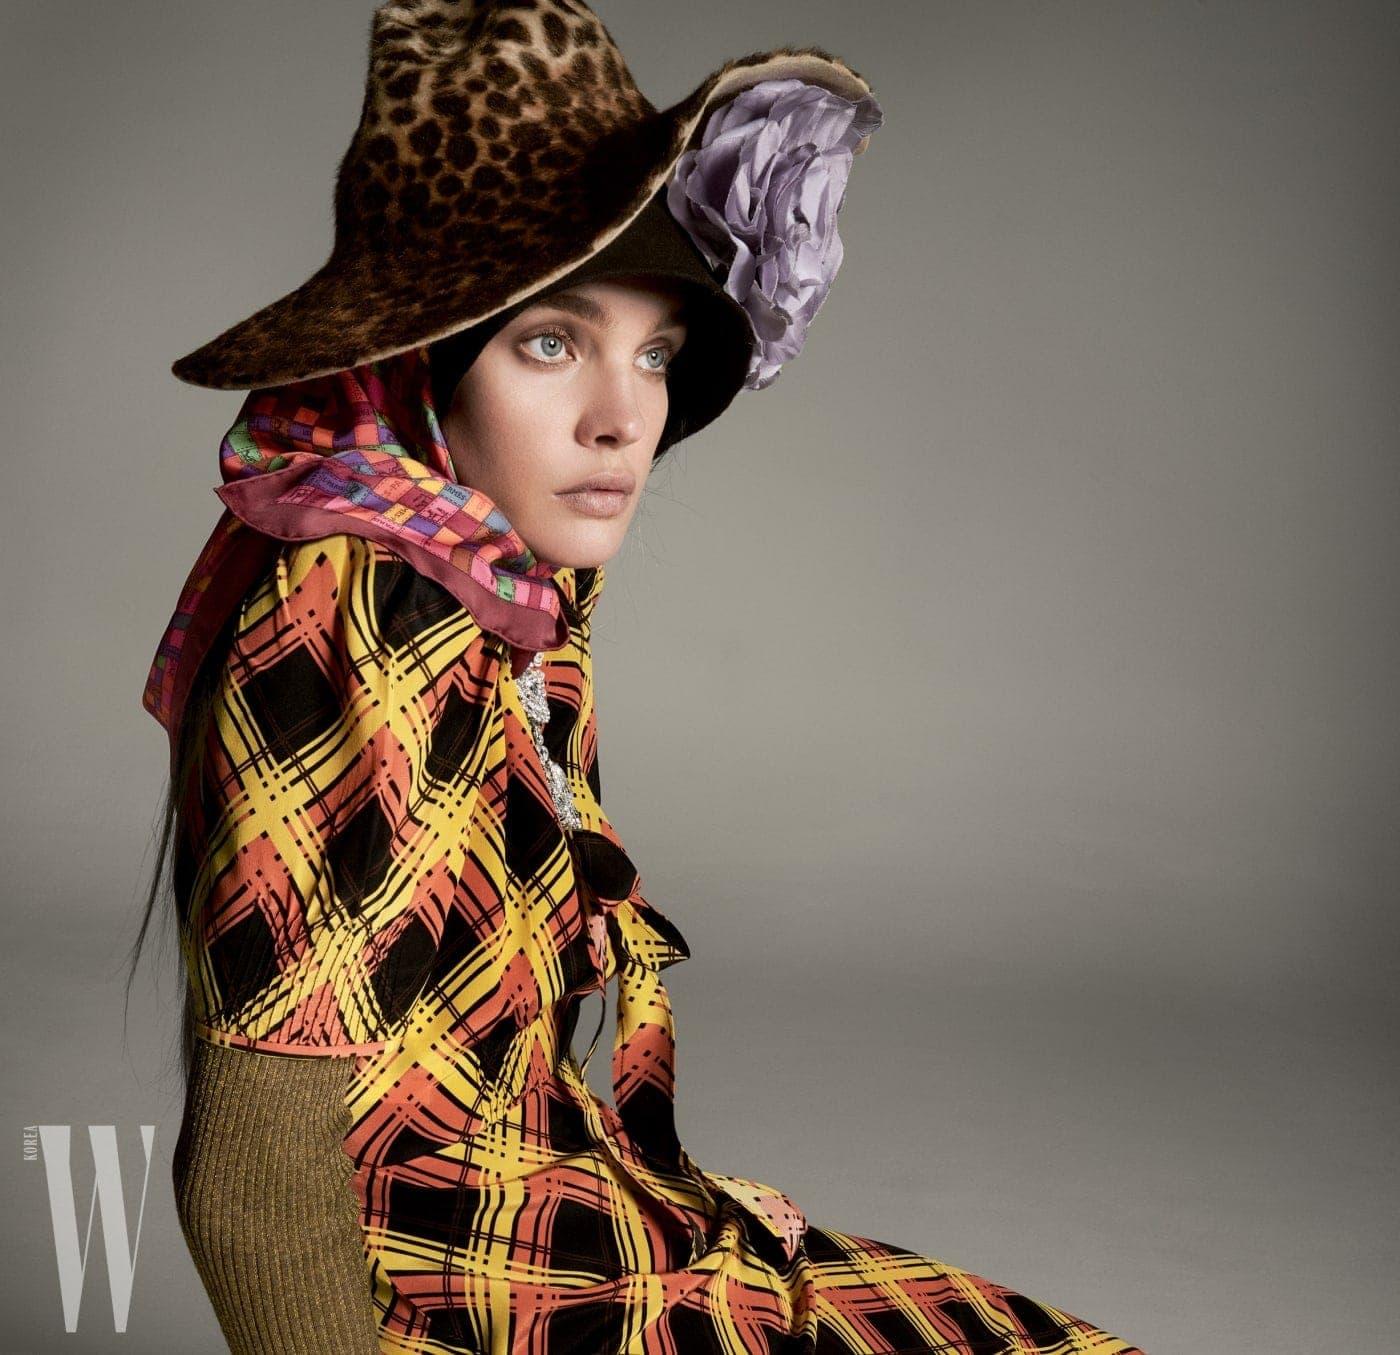 체크무늬 드레스는 Miu Miu, 터틀넥은 Tory Burch, 모자는 Patricia Underwood, 그 아래 커다란 코르사주 장식 모자는 Maison Michel, 알록달록한 스카프는 Hermes, 목걸이는 Chopard 제품.